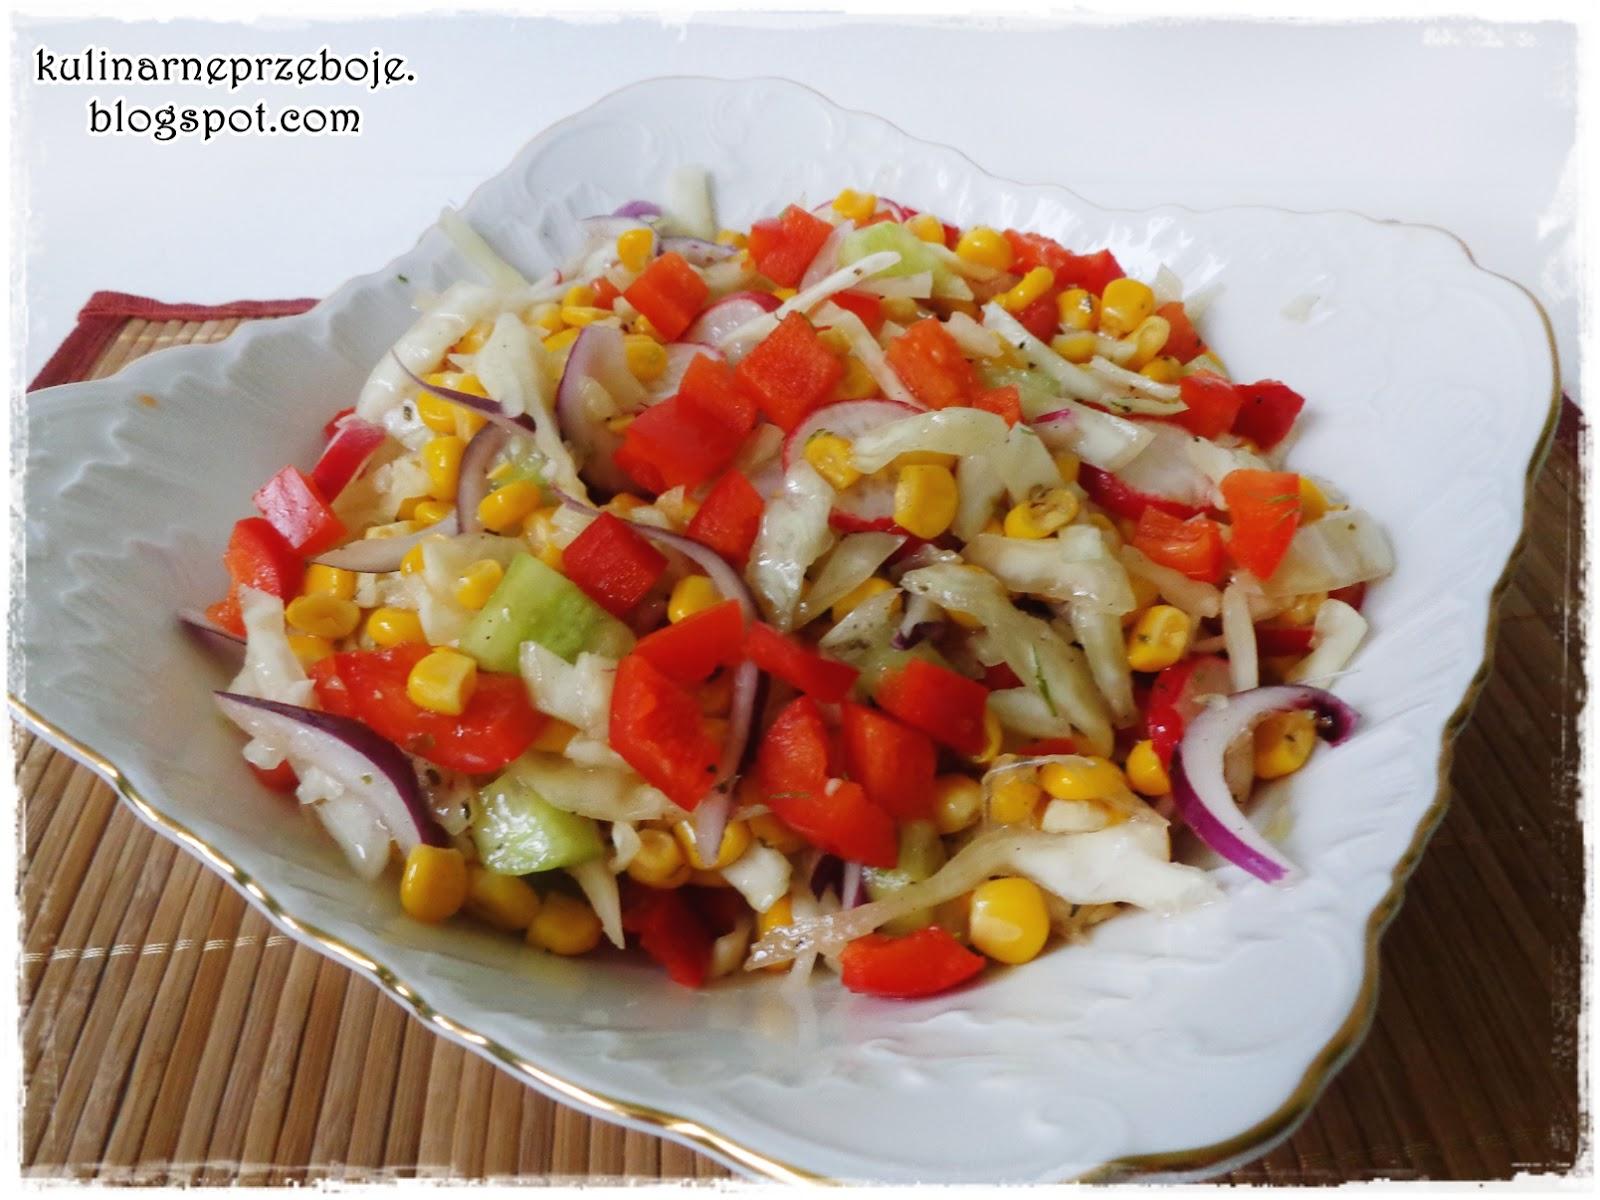 Surówka z białej kapusty, kukurydzy, rzodkiewki, papryki (z sosem włoskim)